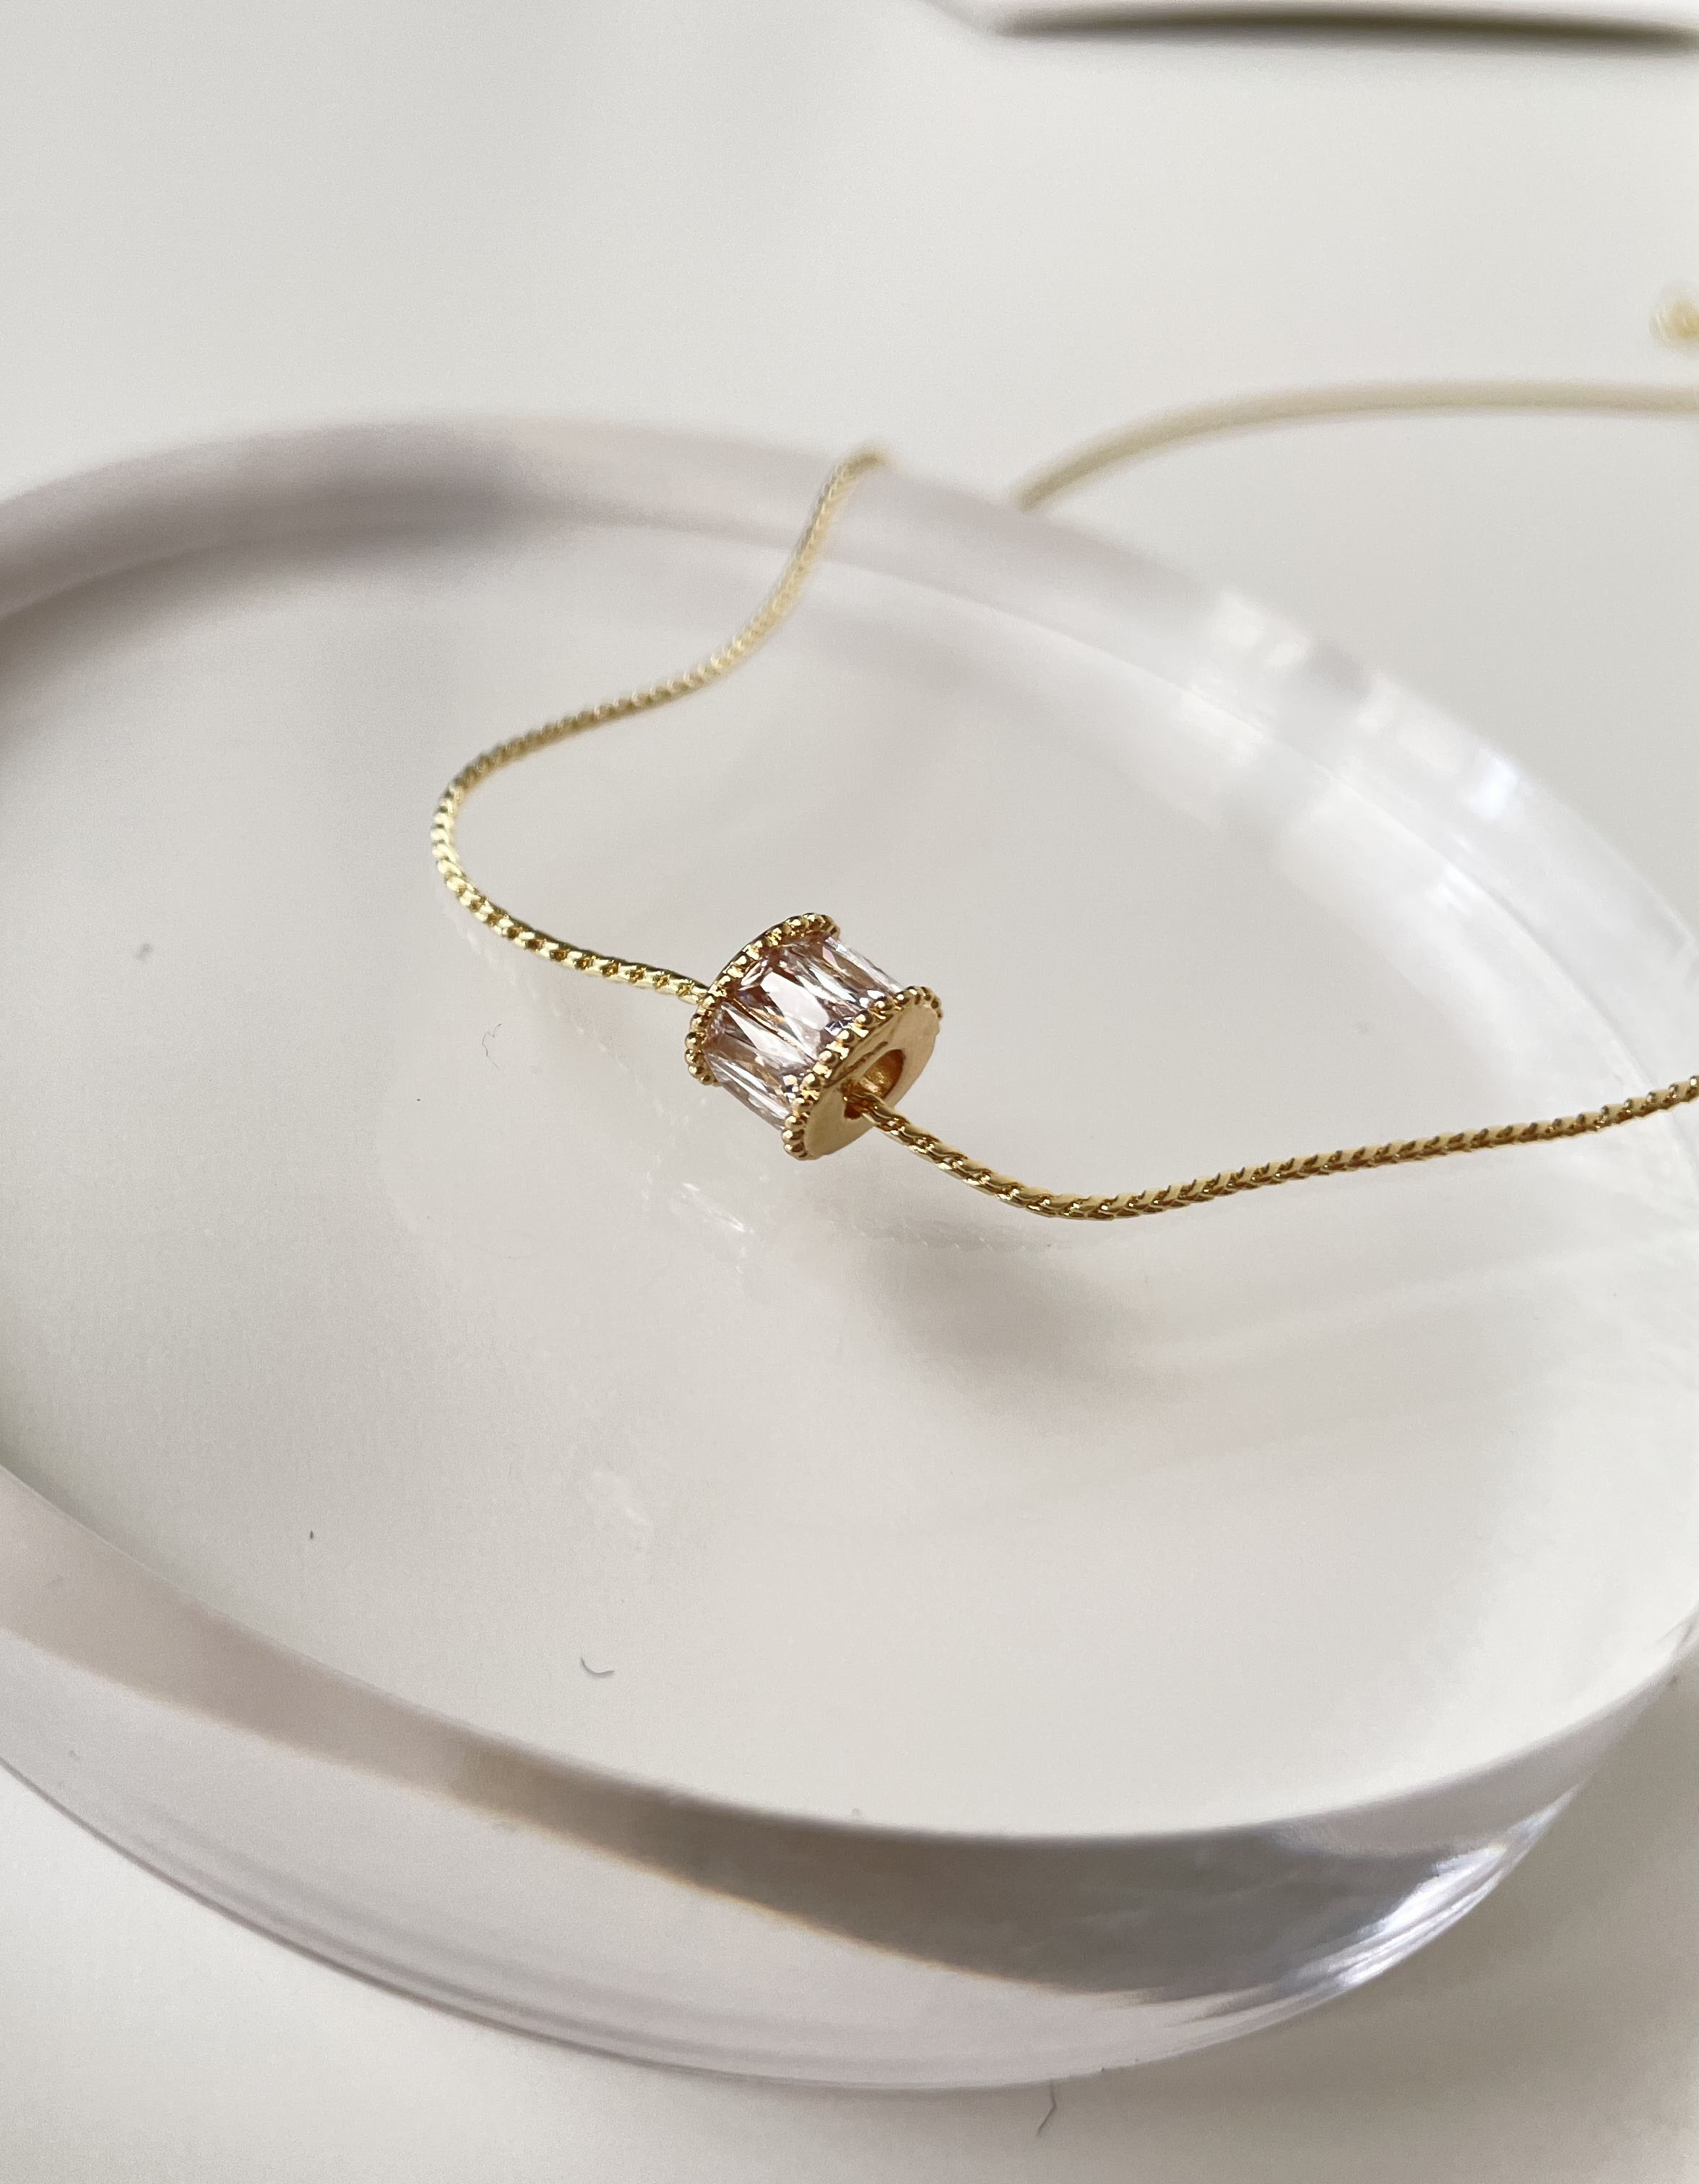 項鍊 - 閃耀小巧鑲鑽鎖骨鍊 - 飾品調色盤 | 迪希雅 deesir